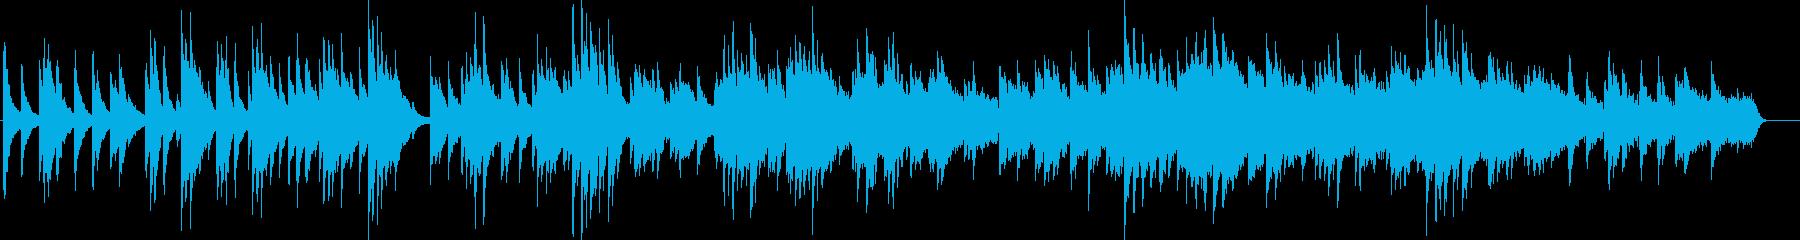 旅立ちを演出するスローなピアノバラードの再生済みの波形